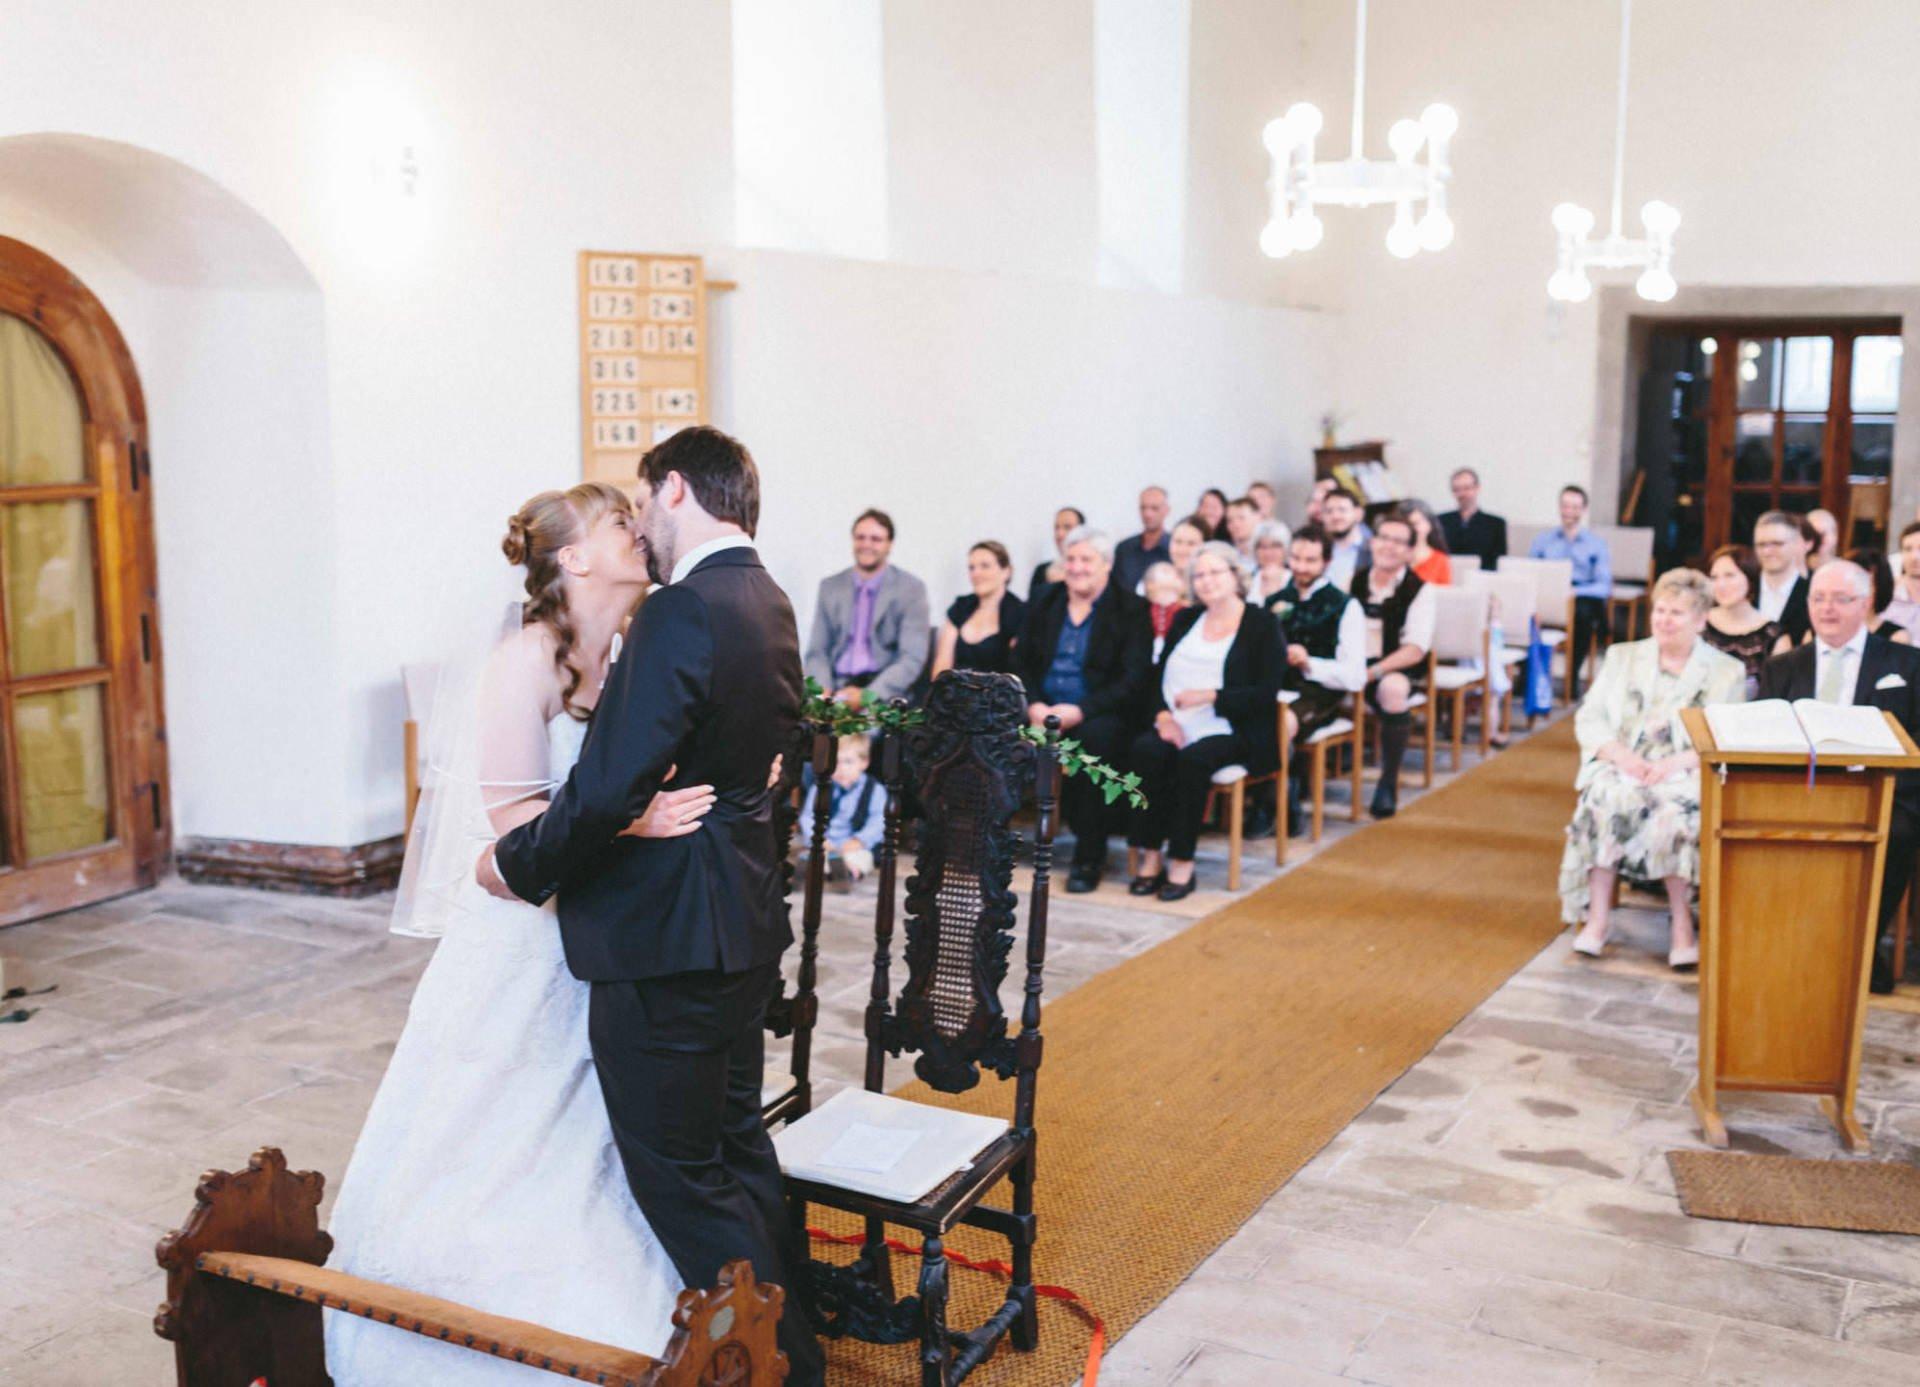 Bayrische Hochzeit 27 - Bayrische Jagdhüttenhochzeit in Thüringen